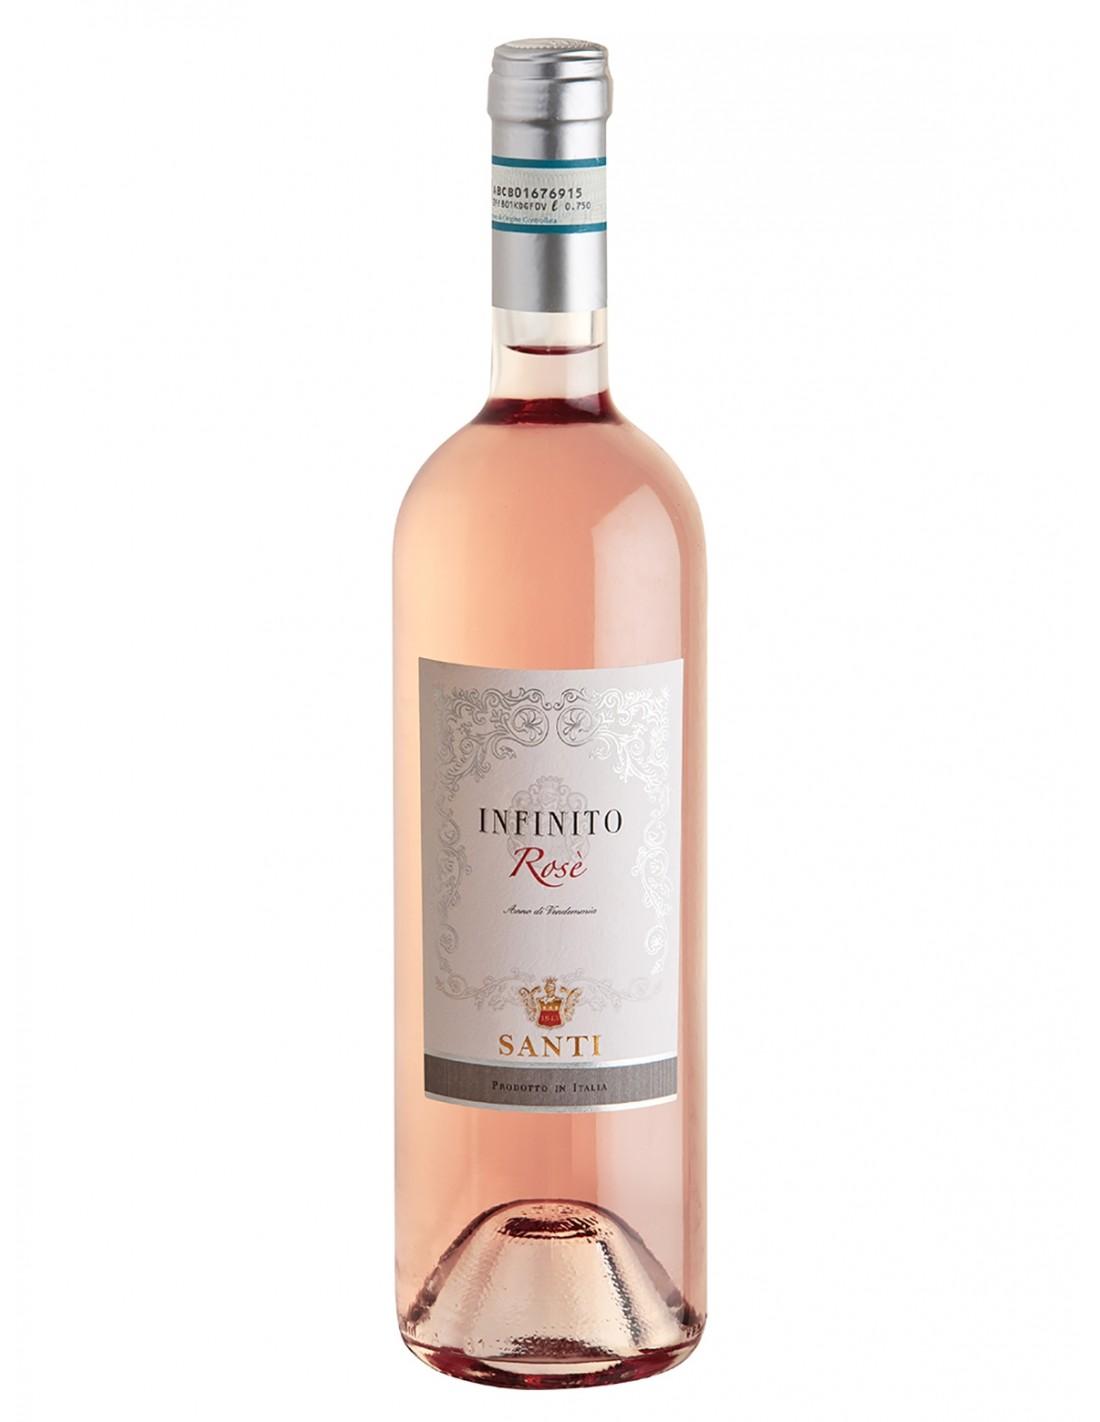 Vin roze, Santi Infinito Bardolino Chiaretto, 12% alc., 0.75L, Italia